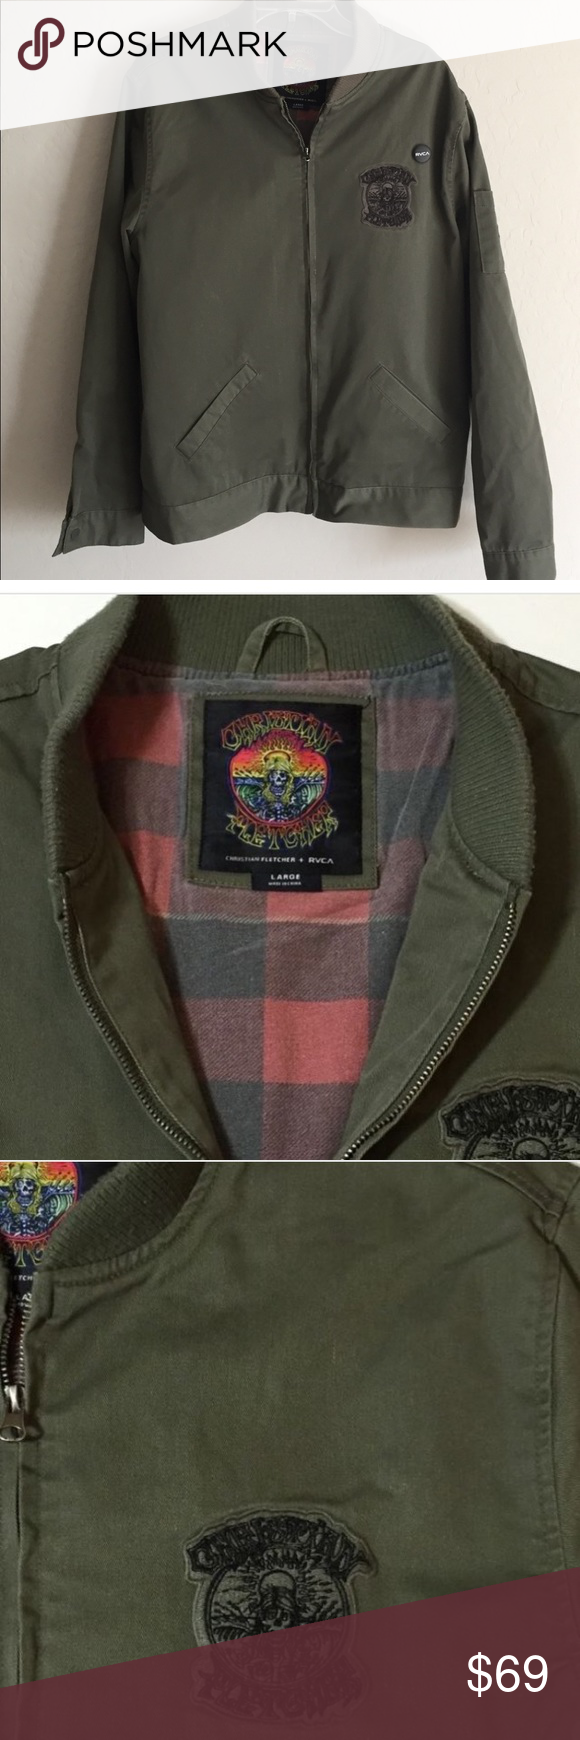 Rvca X Christian Fletcher Bomber Jacket Rvca X Christian Fletcher Bomber Jacket In Military Green Cotton Euc Rvca Jac Rvca Jacket Clothes Design Bomber Jacket [ 1740 x 580 Pixel ]